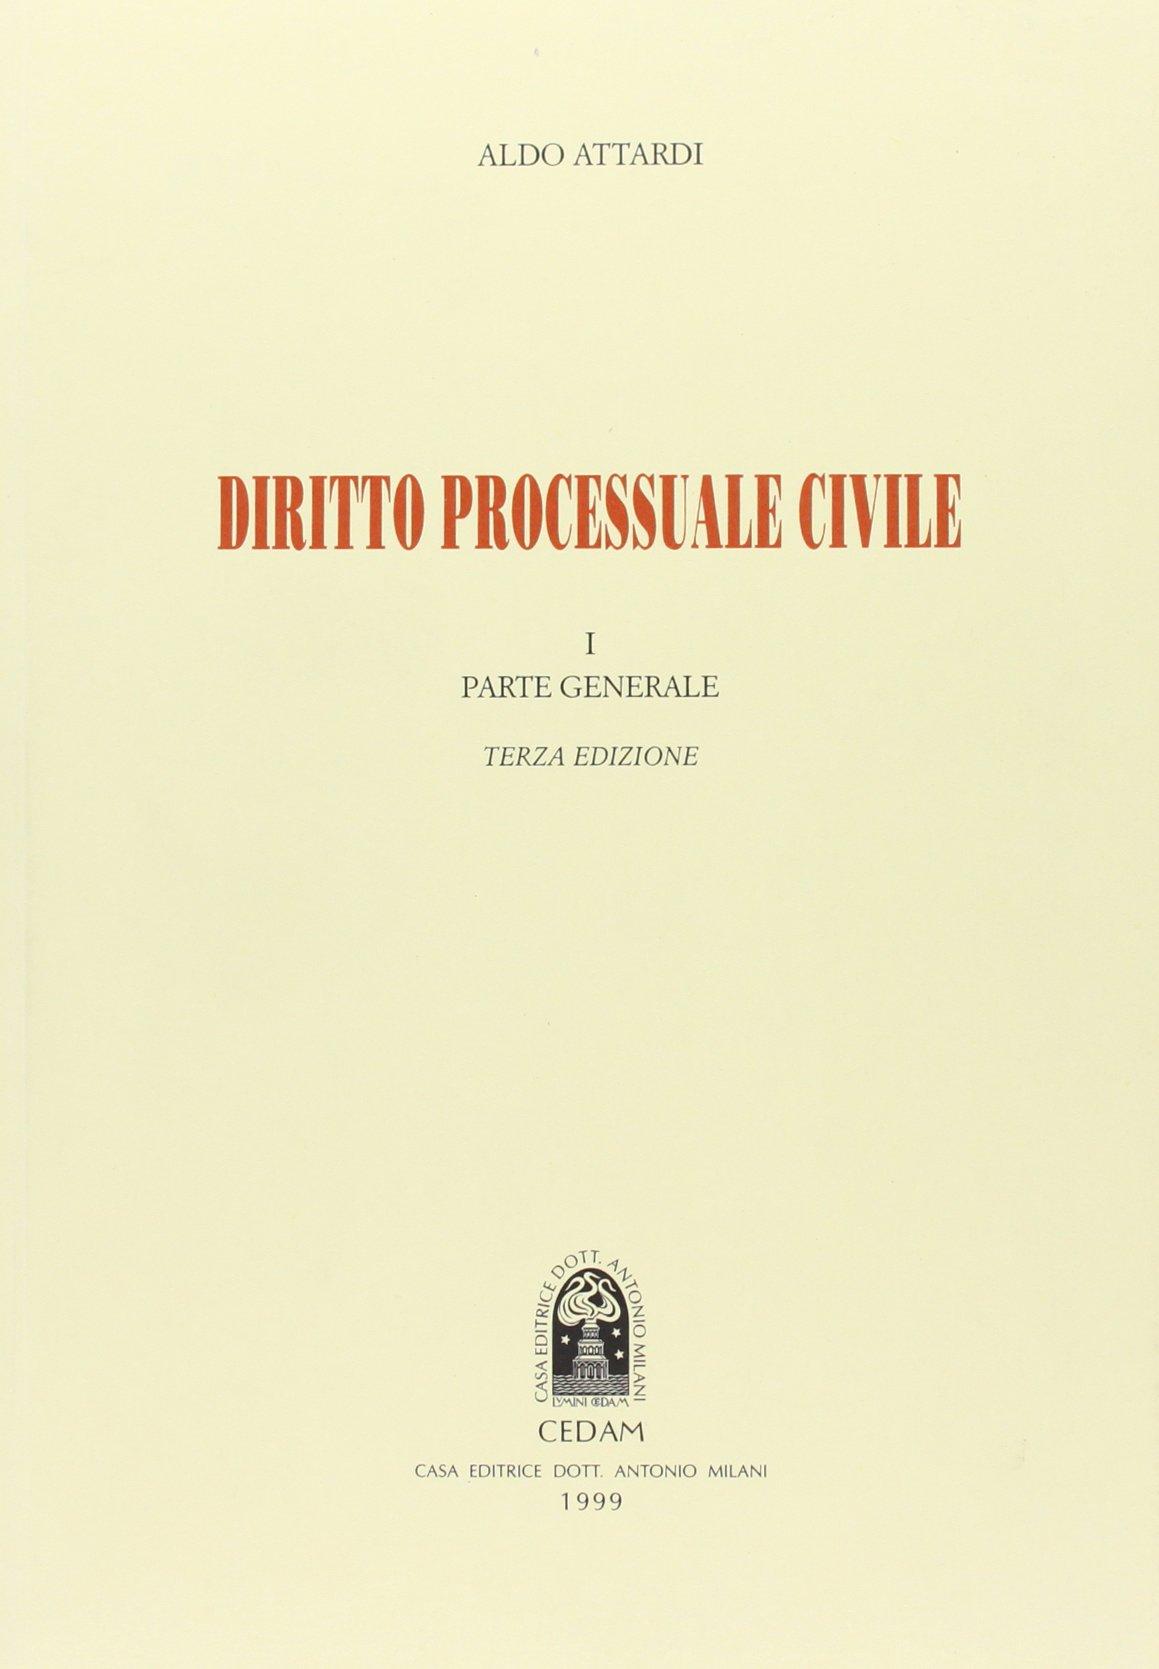 Diritto processuale civile - Attardi, Aldo - Libri